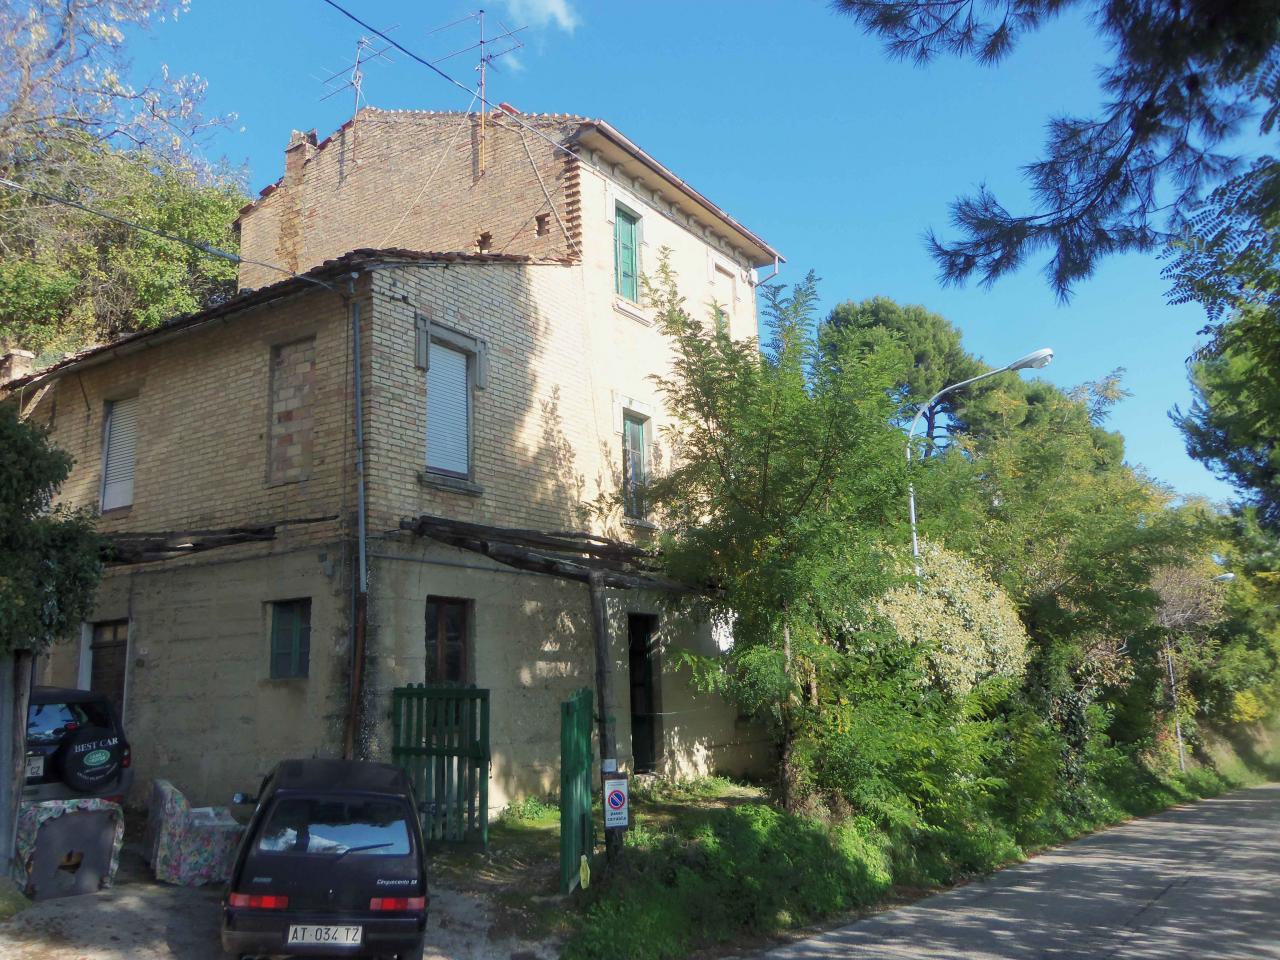 Rustico / Casale in vendita a Acquaviva Picena, 10 locali, zona Località: Centrale, prezzo € 165.000 | Cambio Casa.it